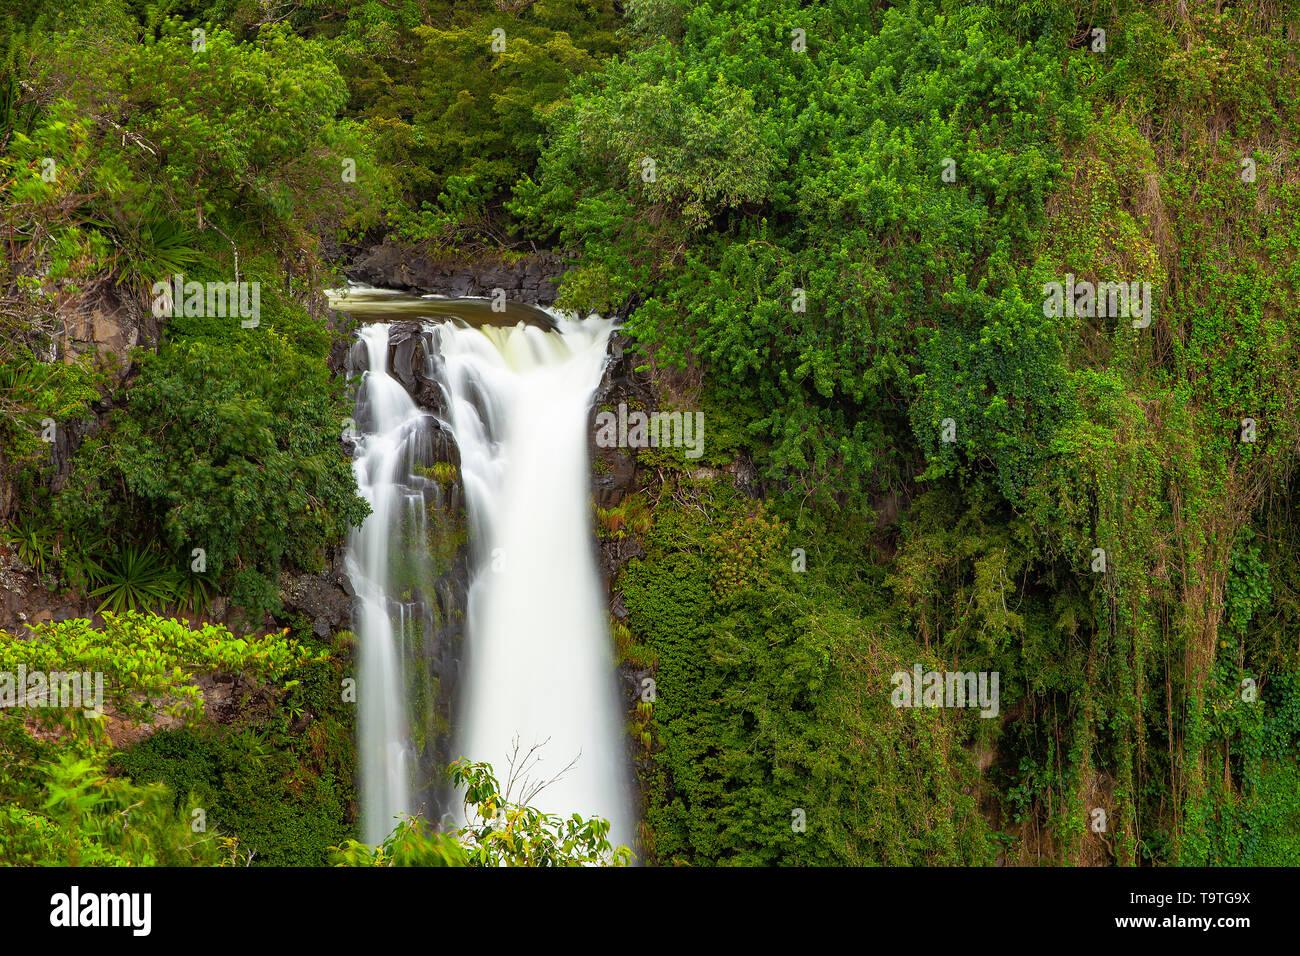 Falls at Makahiku, Haleakala National Park, Maui, Hawaii, USA Stock Photo